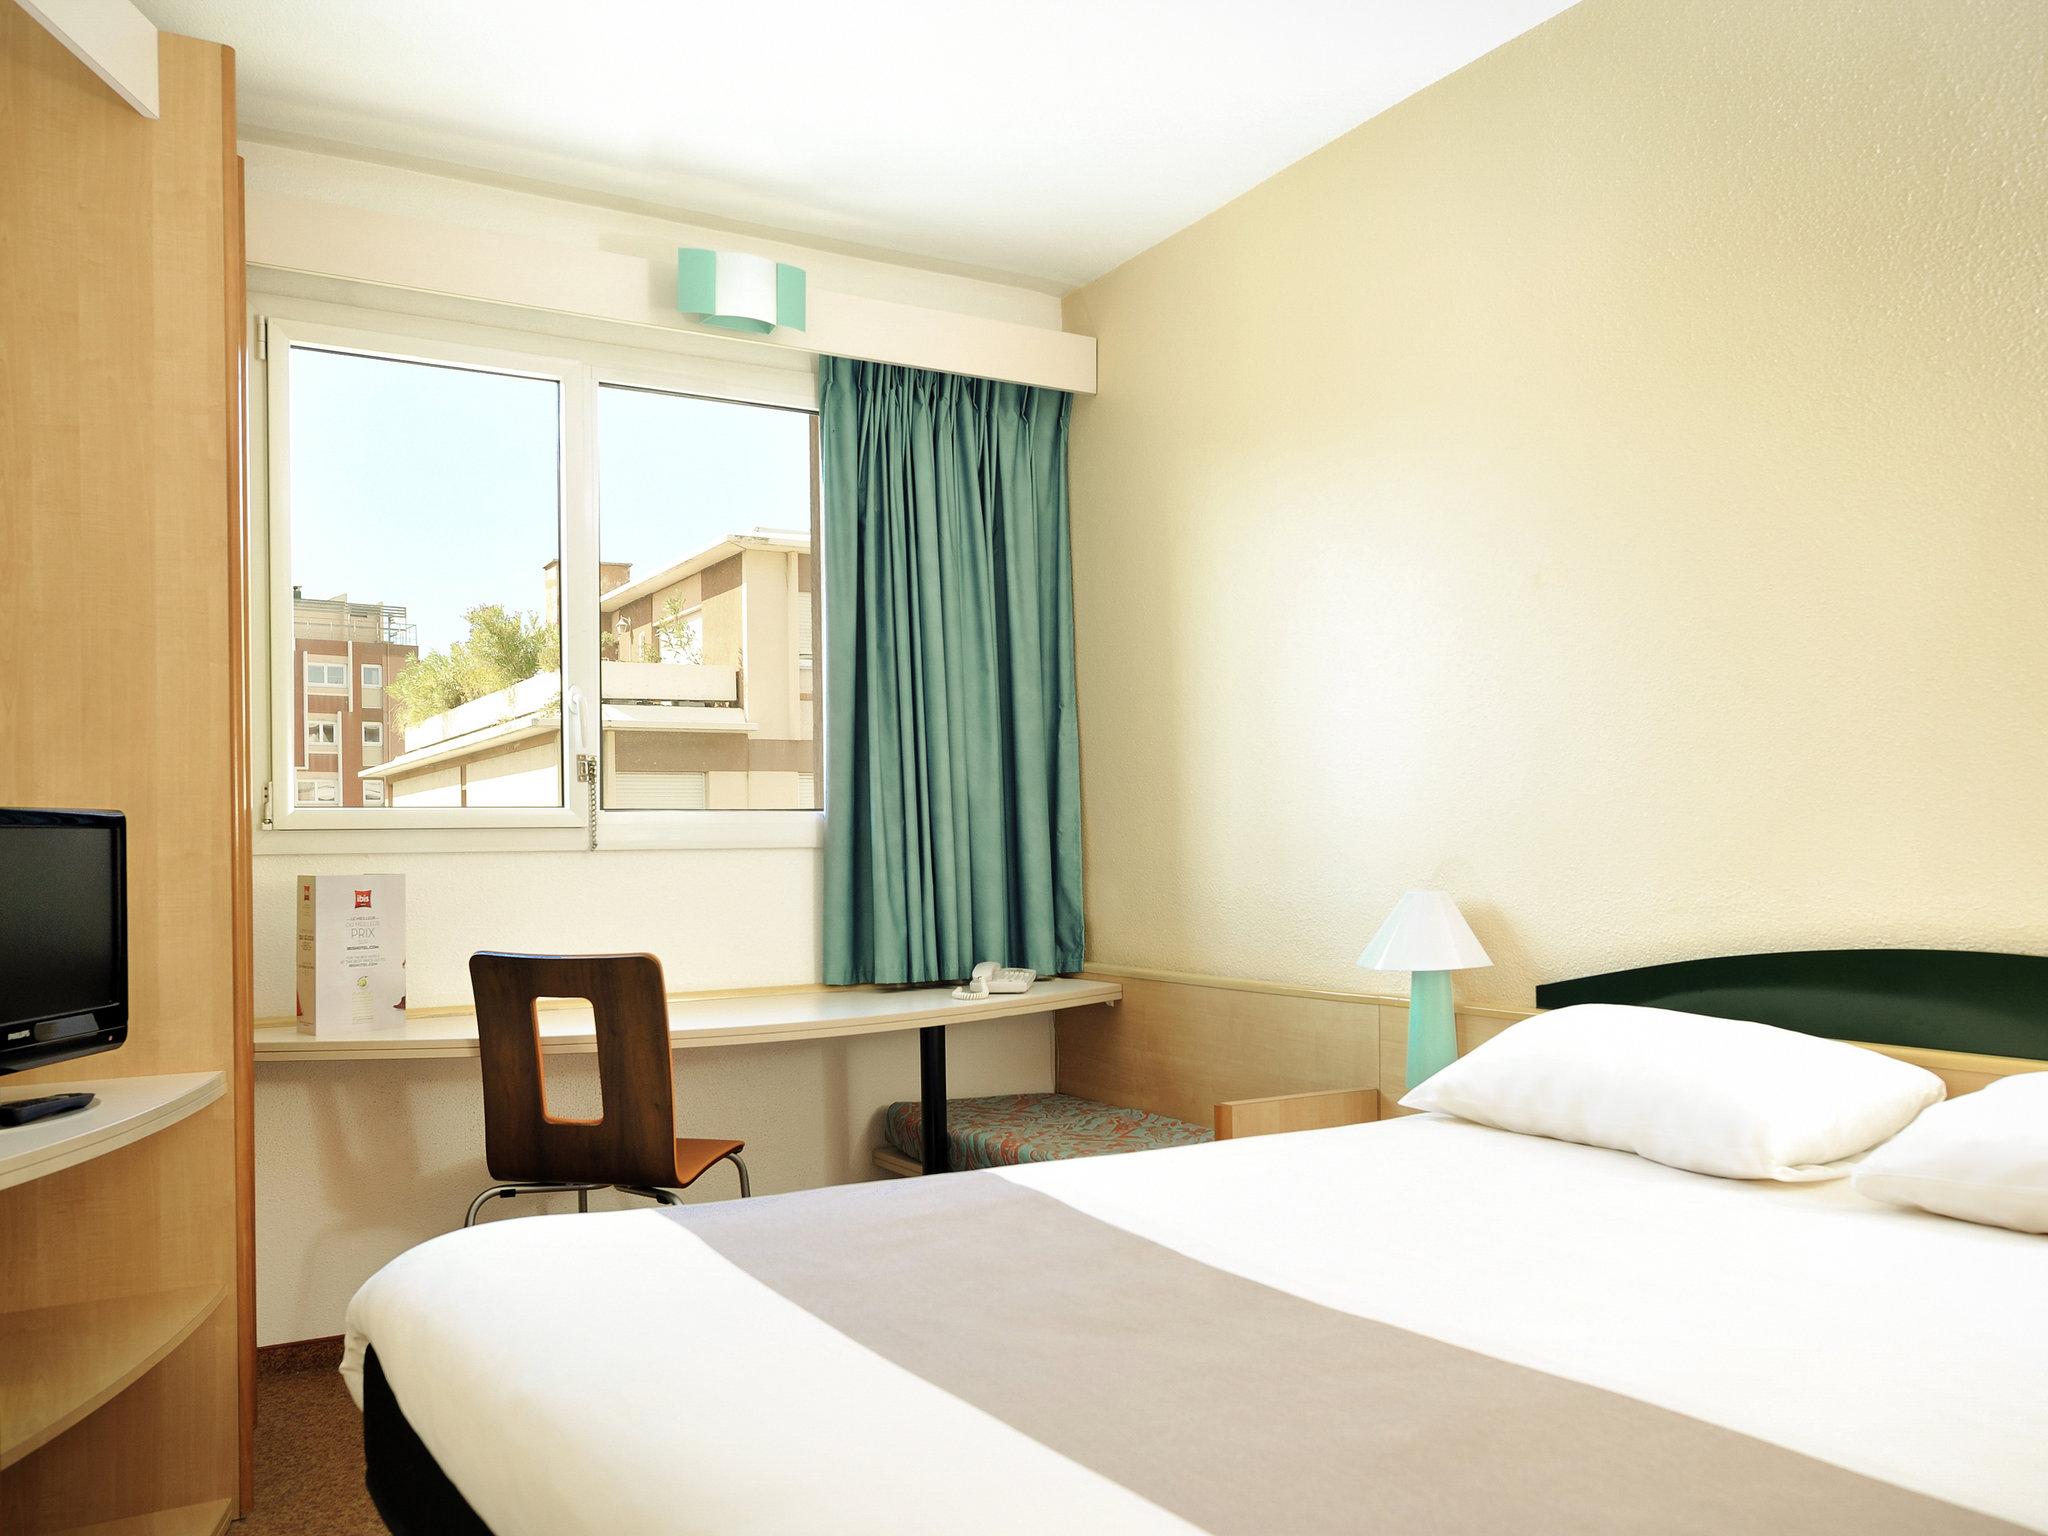 酒店 – 宜必思马赛普拉多酒店